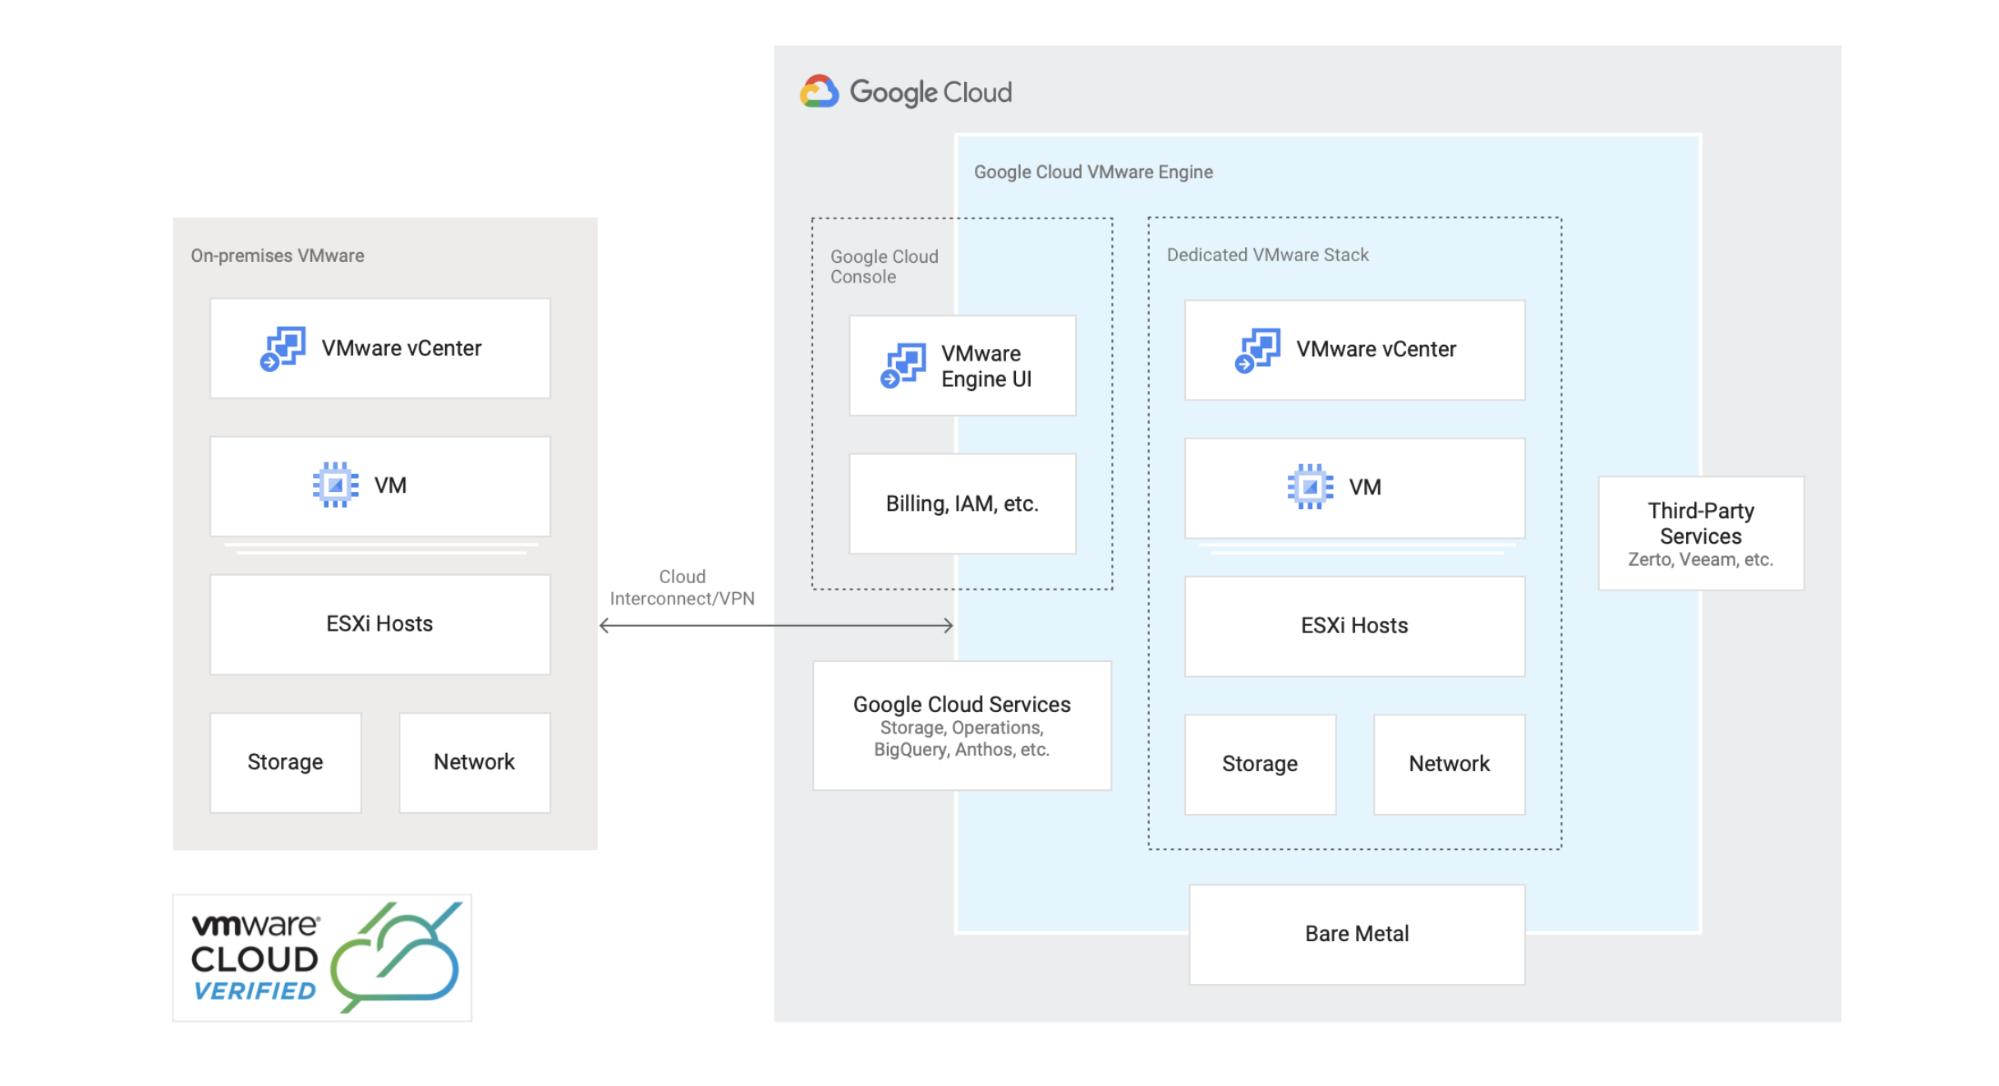 Referenzarchitektur, die zeigt, wie Sie Ihre VMware-Umgebung zu Google Cloud migrieren oder erweitern.